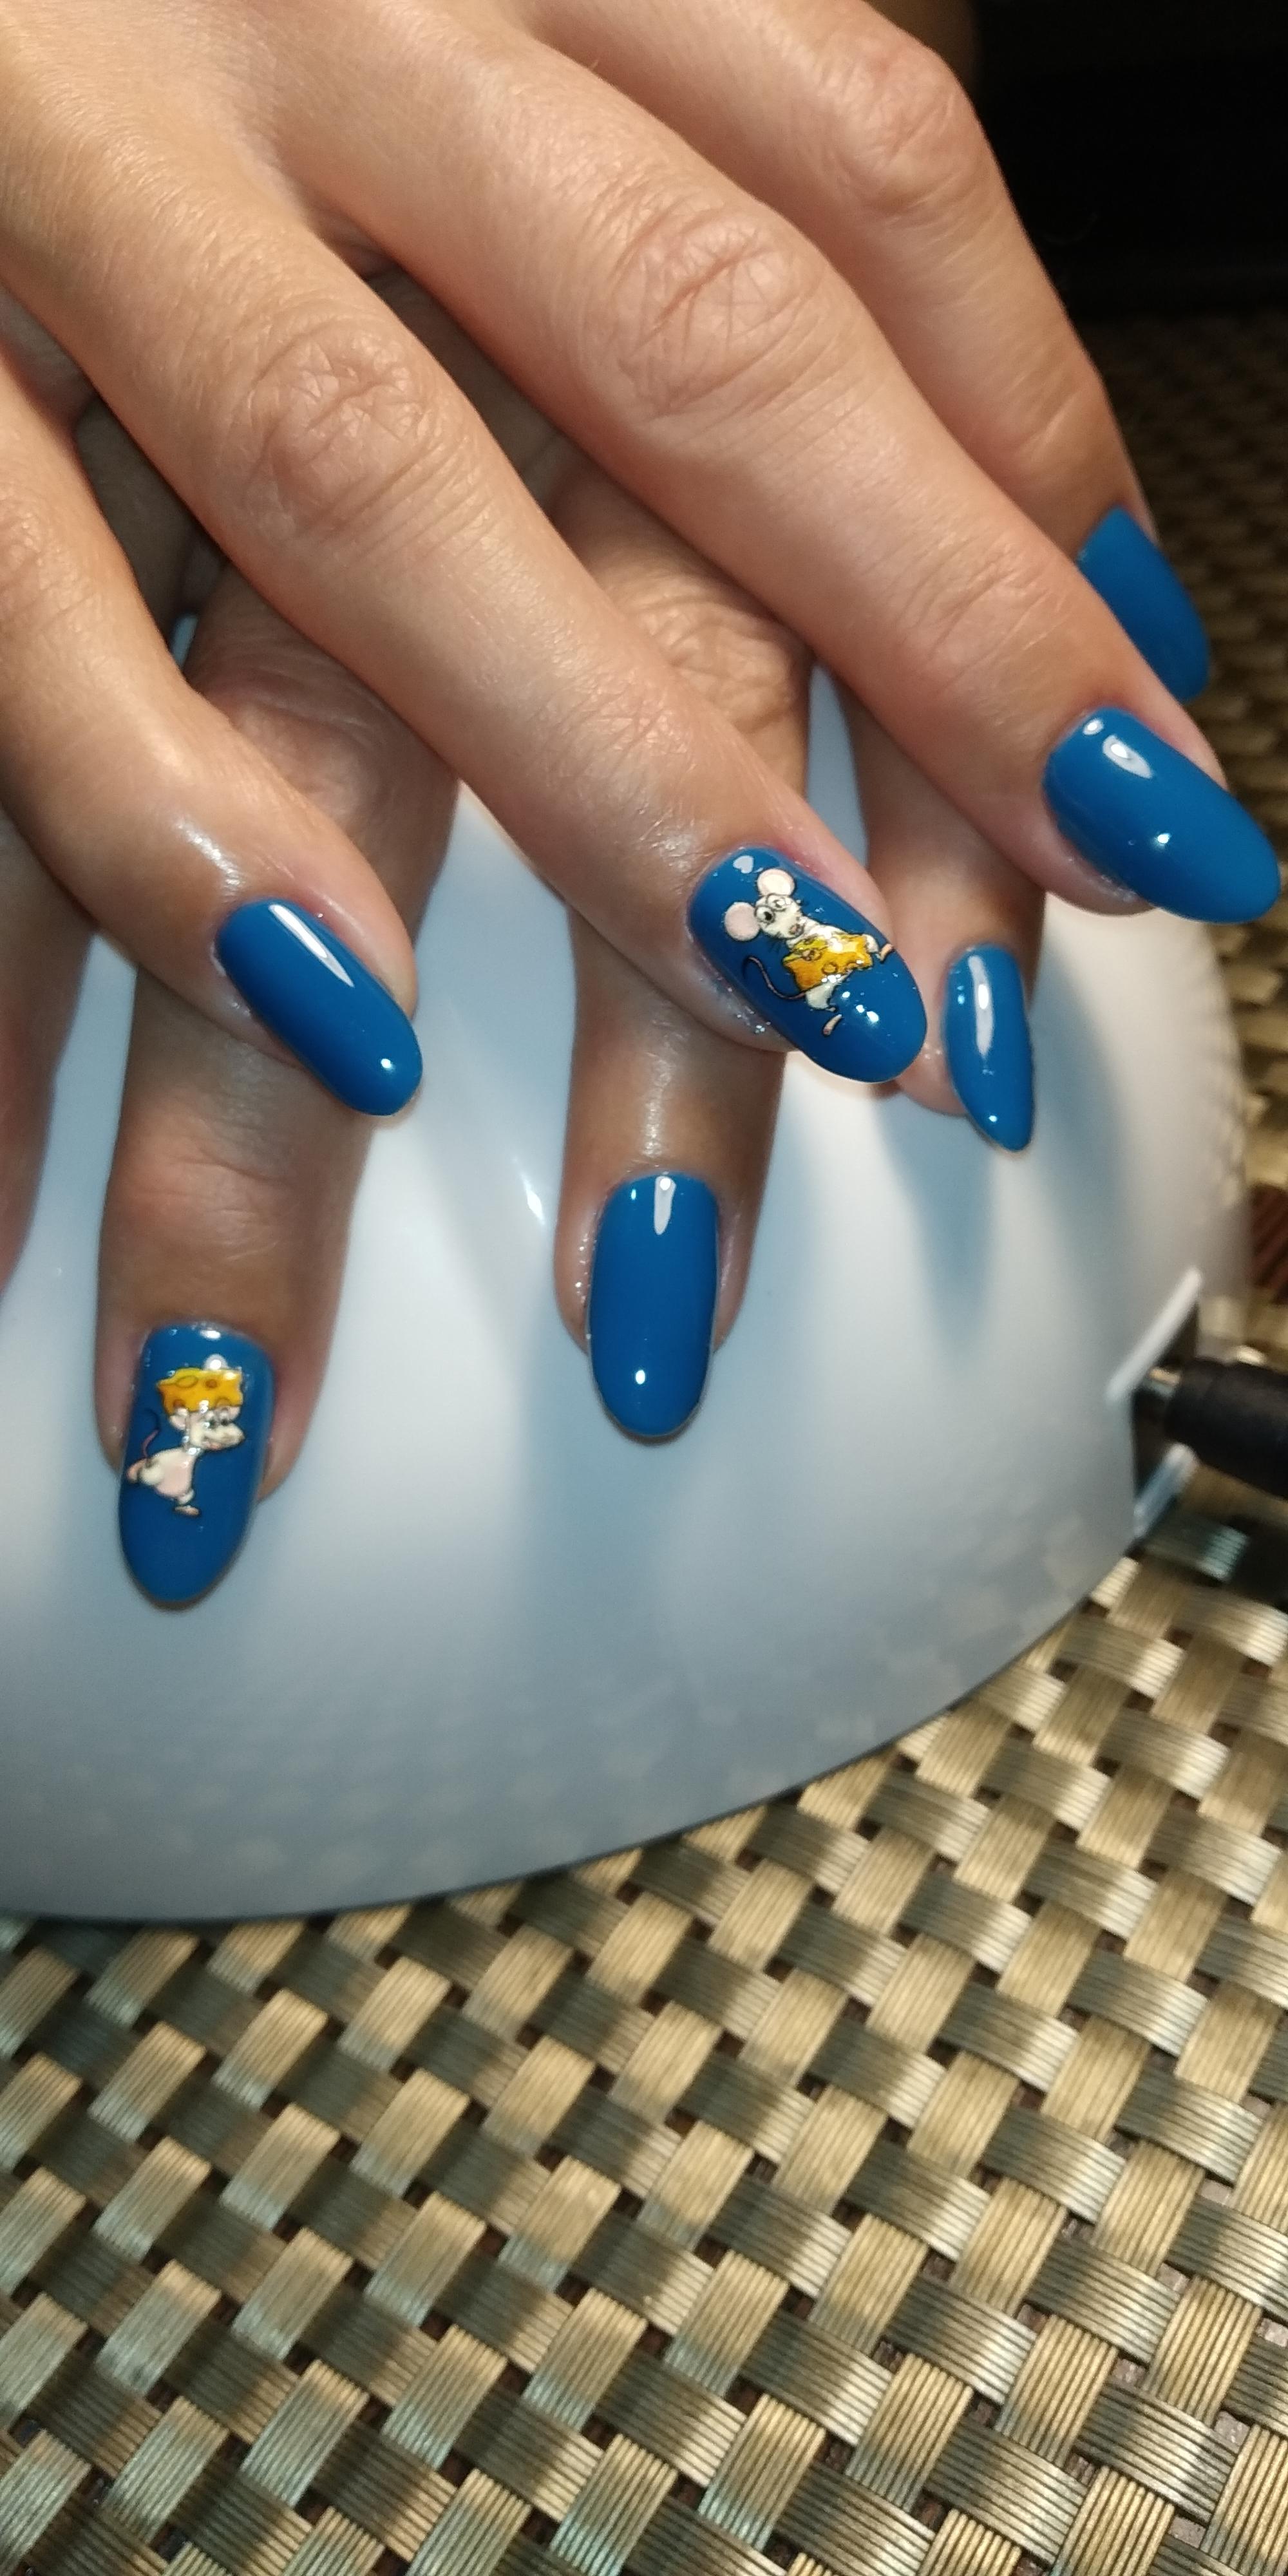 """Однотонный маникюр в синем цвете с мультяшными слайдерами """"мышки""""."""